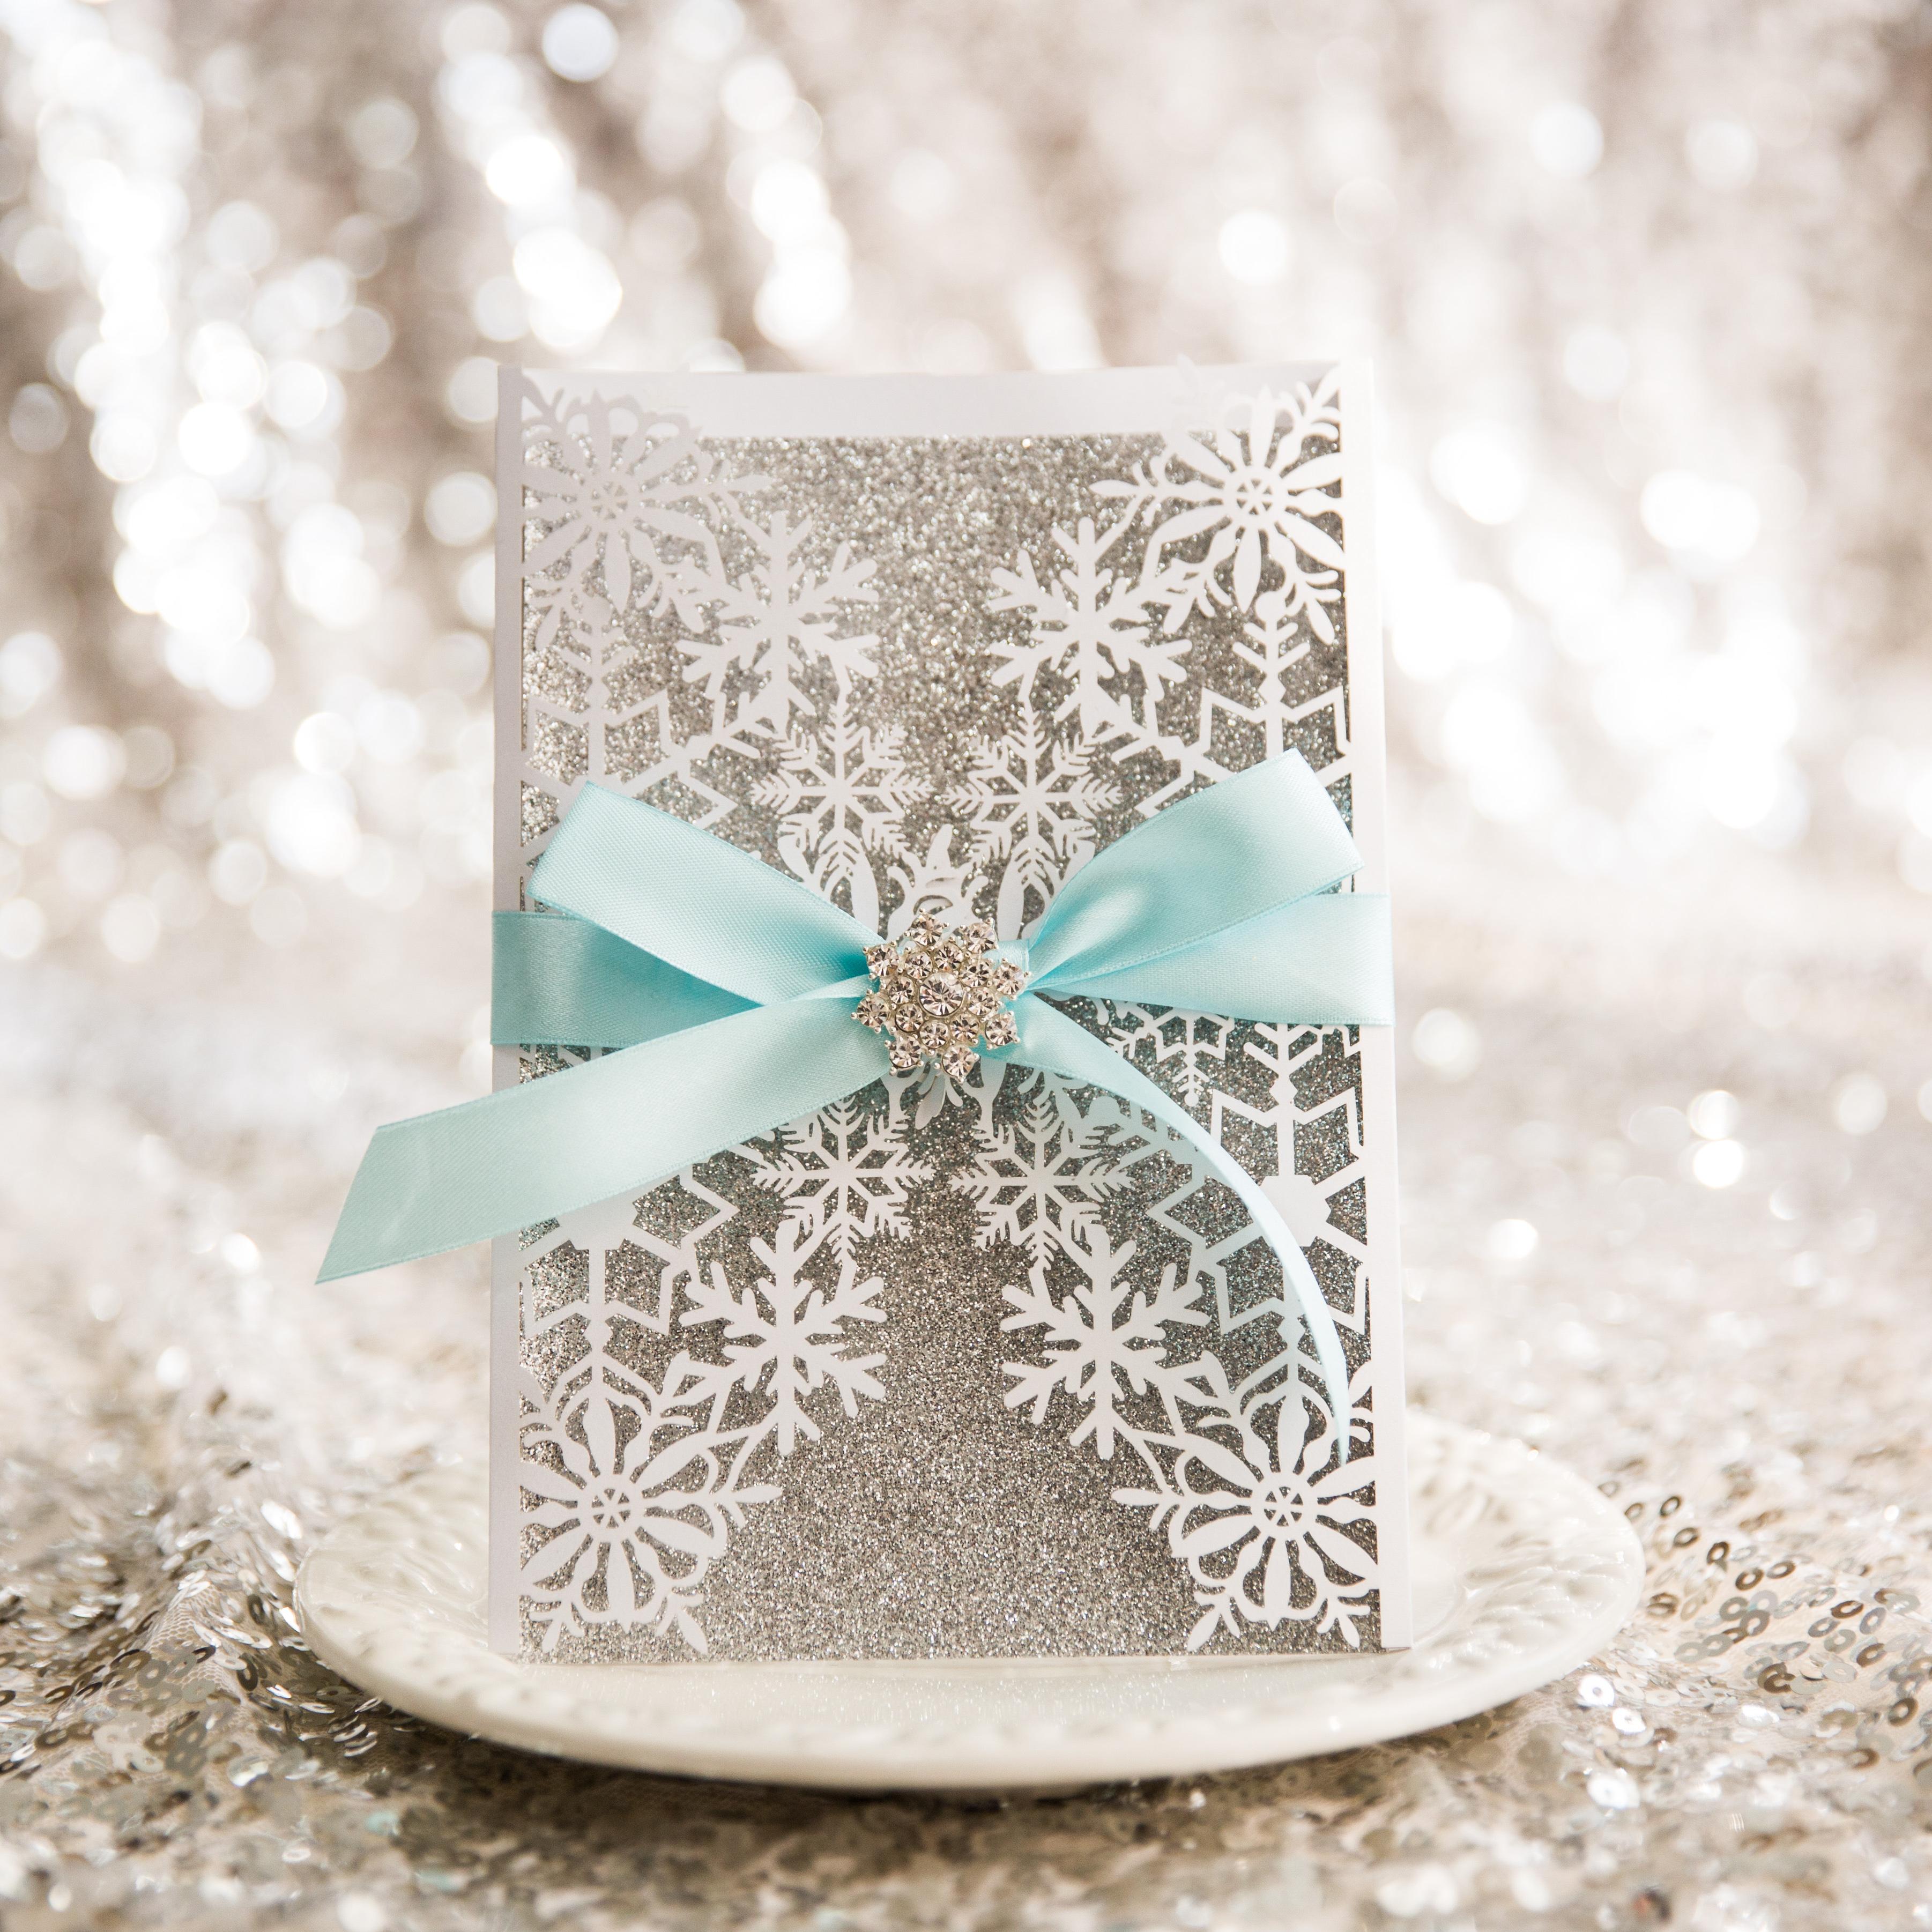 Matrimonio In Inverno : Partecipazioni matrimonio inverno disegno fiocco di neve